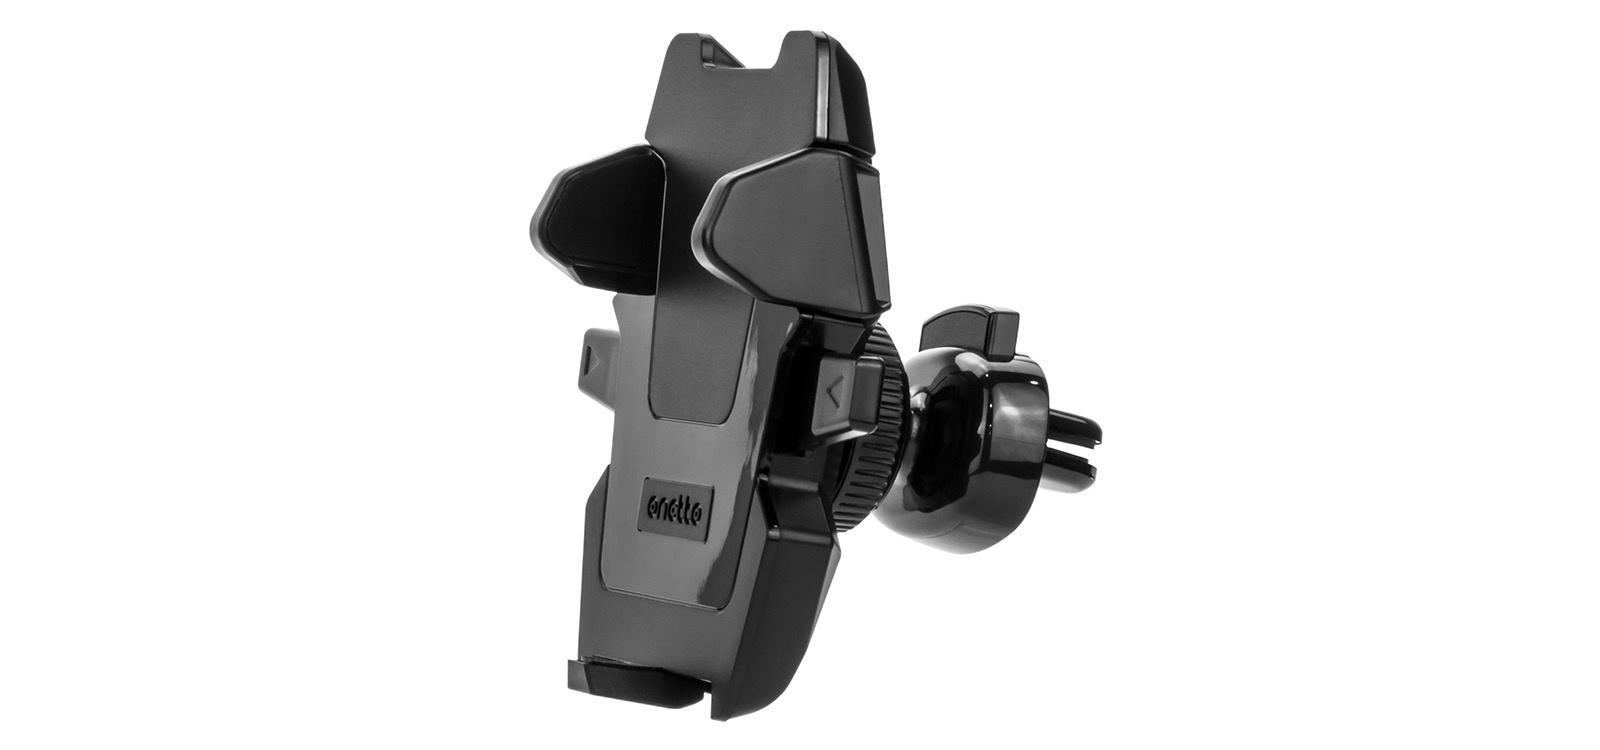 Автомобильный держатель Onetto Vent Mount Easy One Touch в воздуховод для телефона VM2 SM5, черный автомобильный держатель onetto mount easy one touch 2 черный